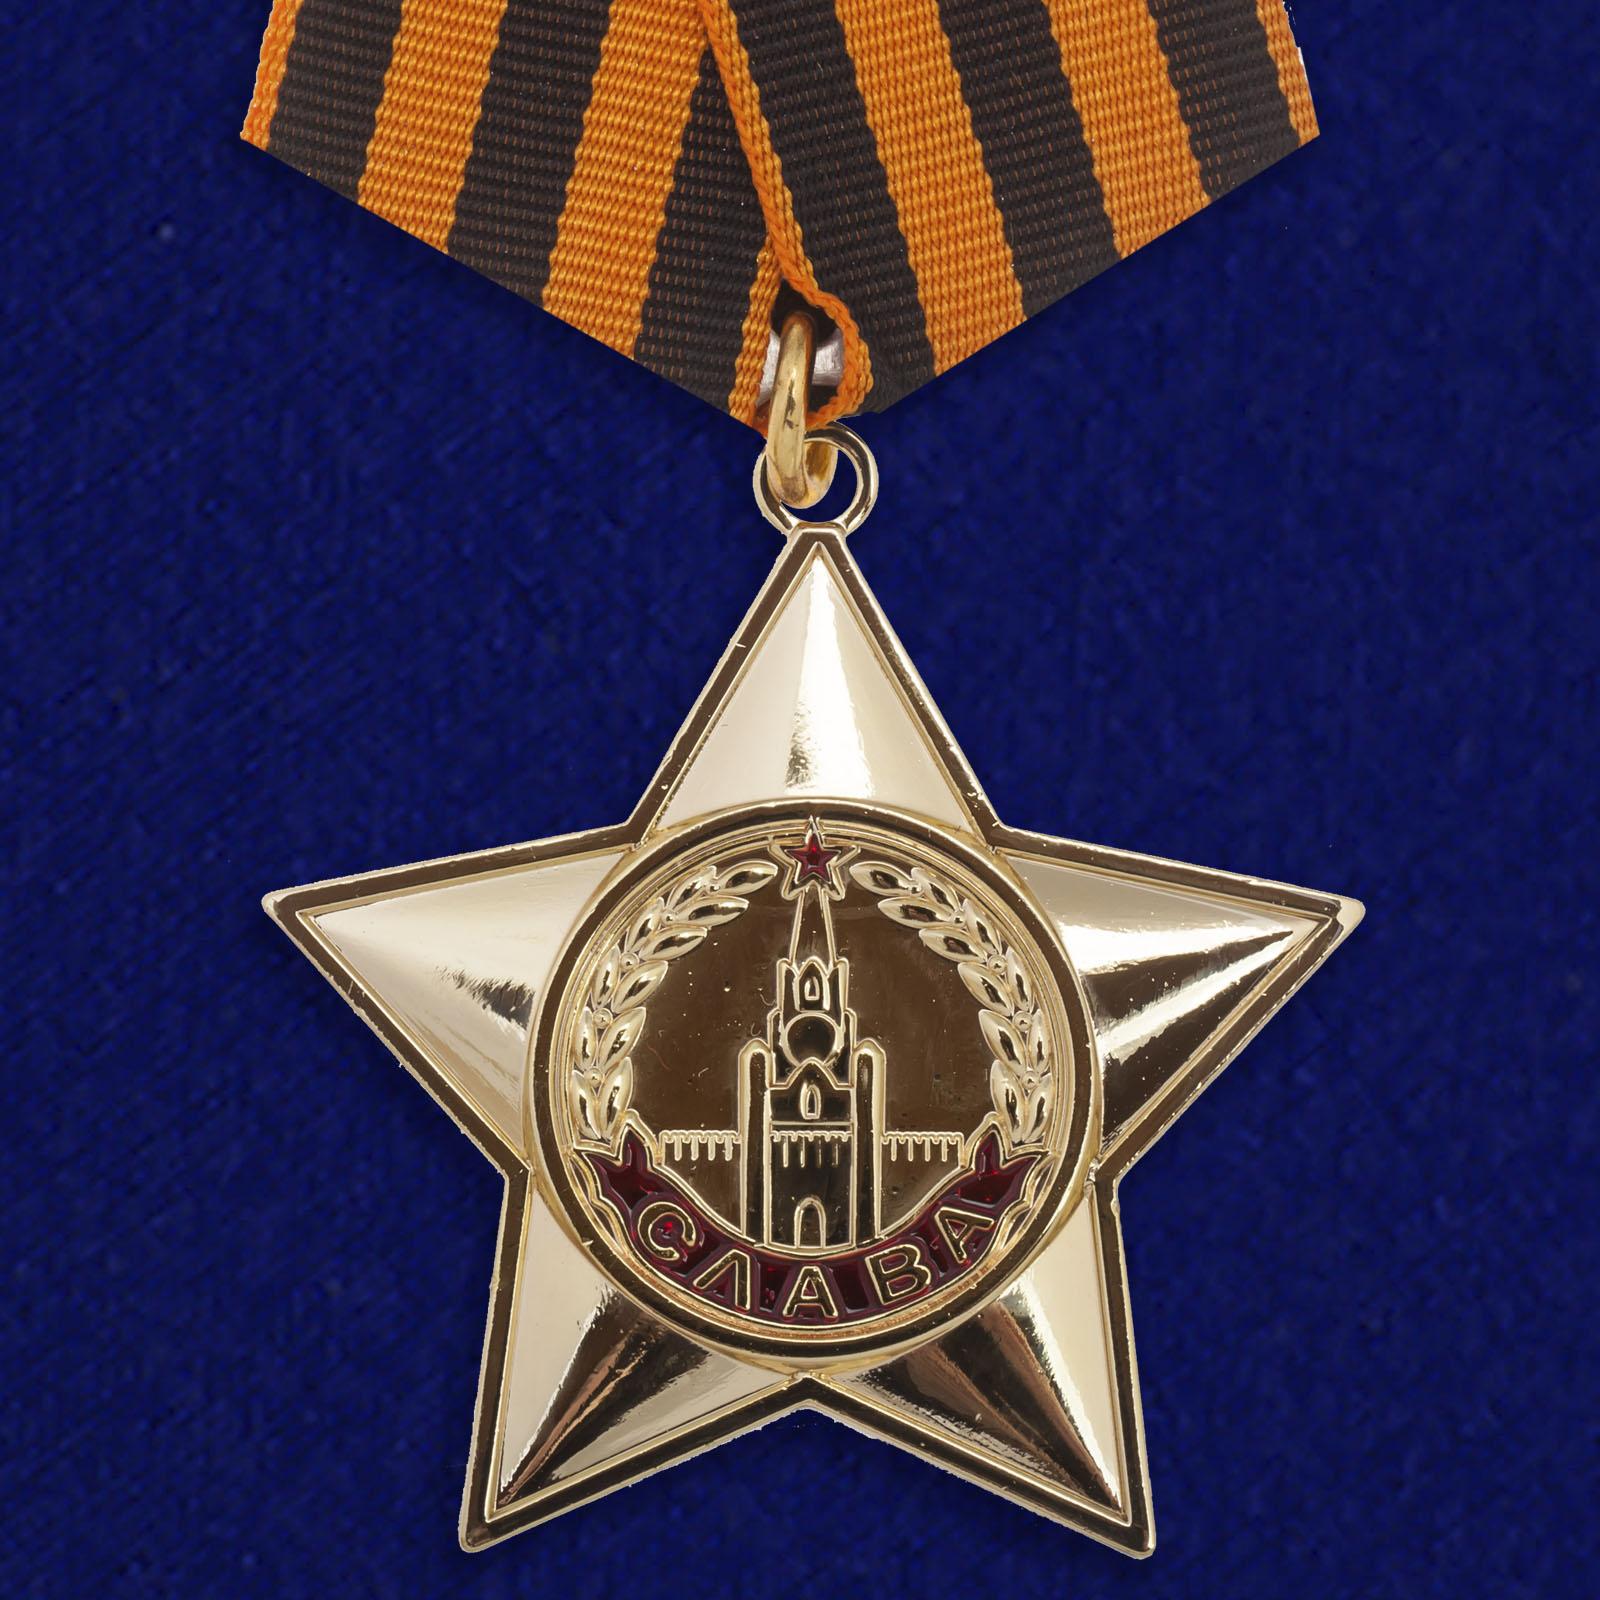 Купить орден Славы 1 степени на подставке с доставкой